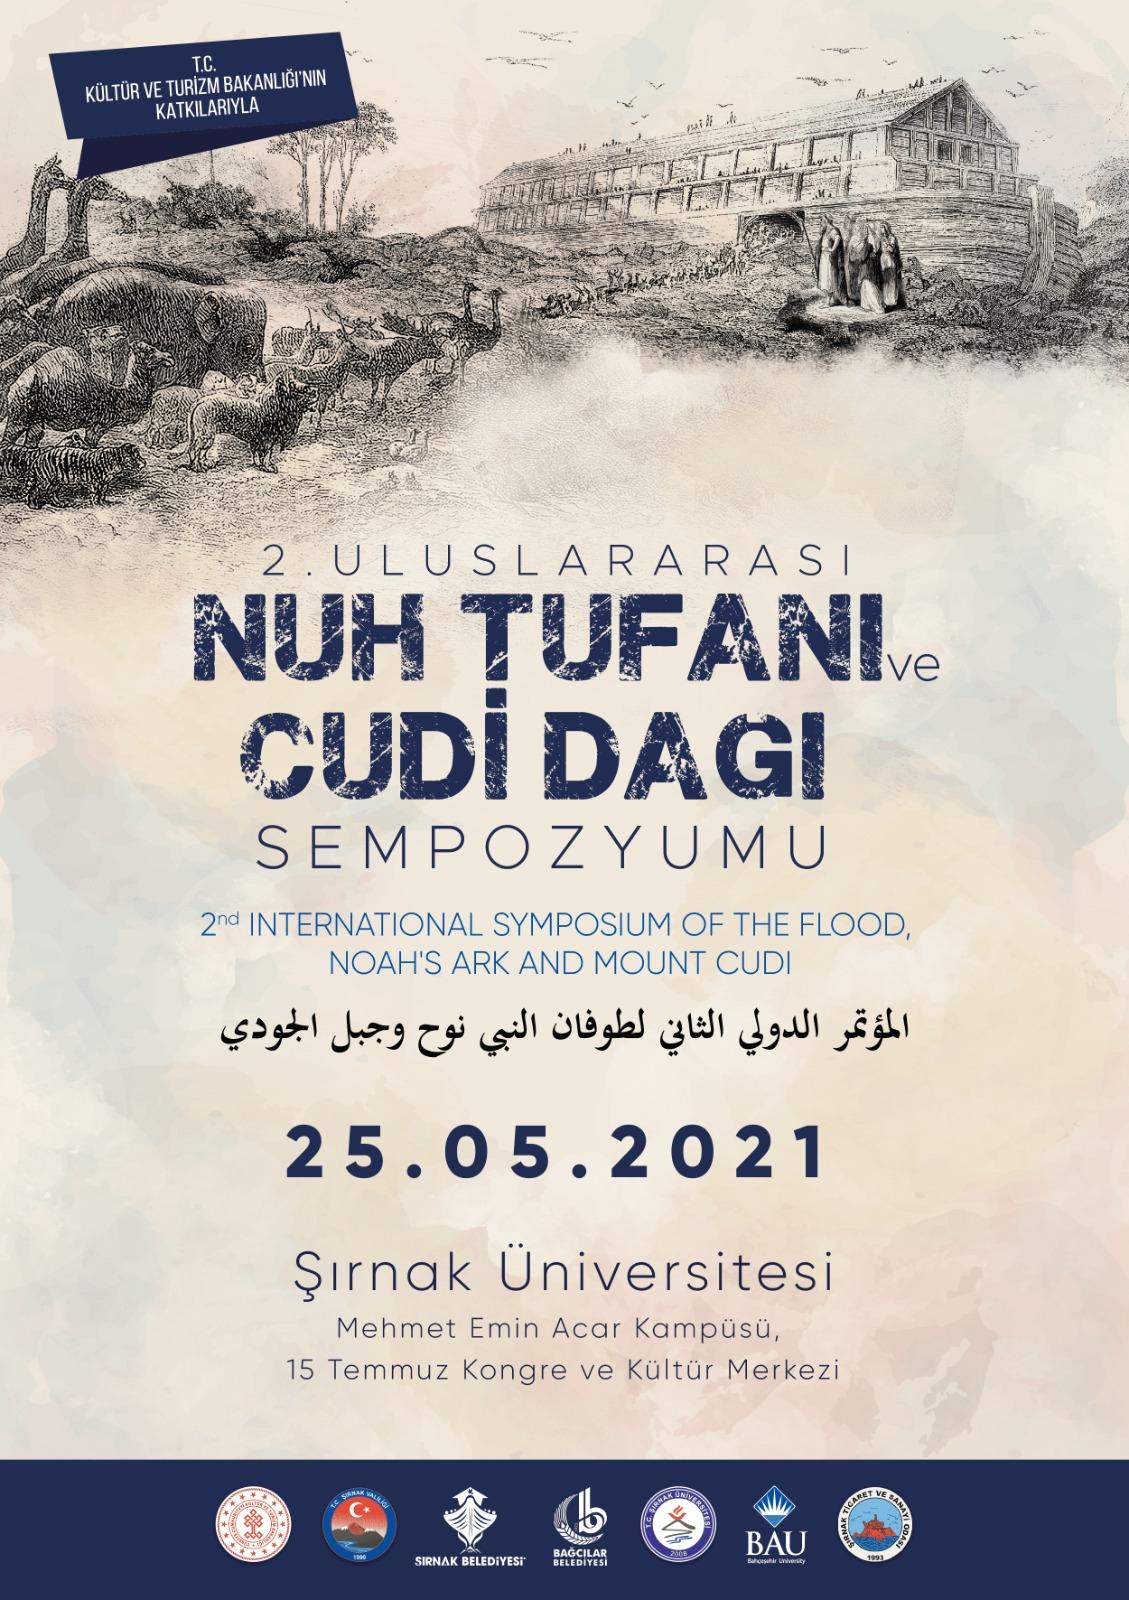 2. Uluslararası Nuh Tufanı ve Cudi Dağı Sempozyumu